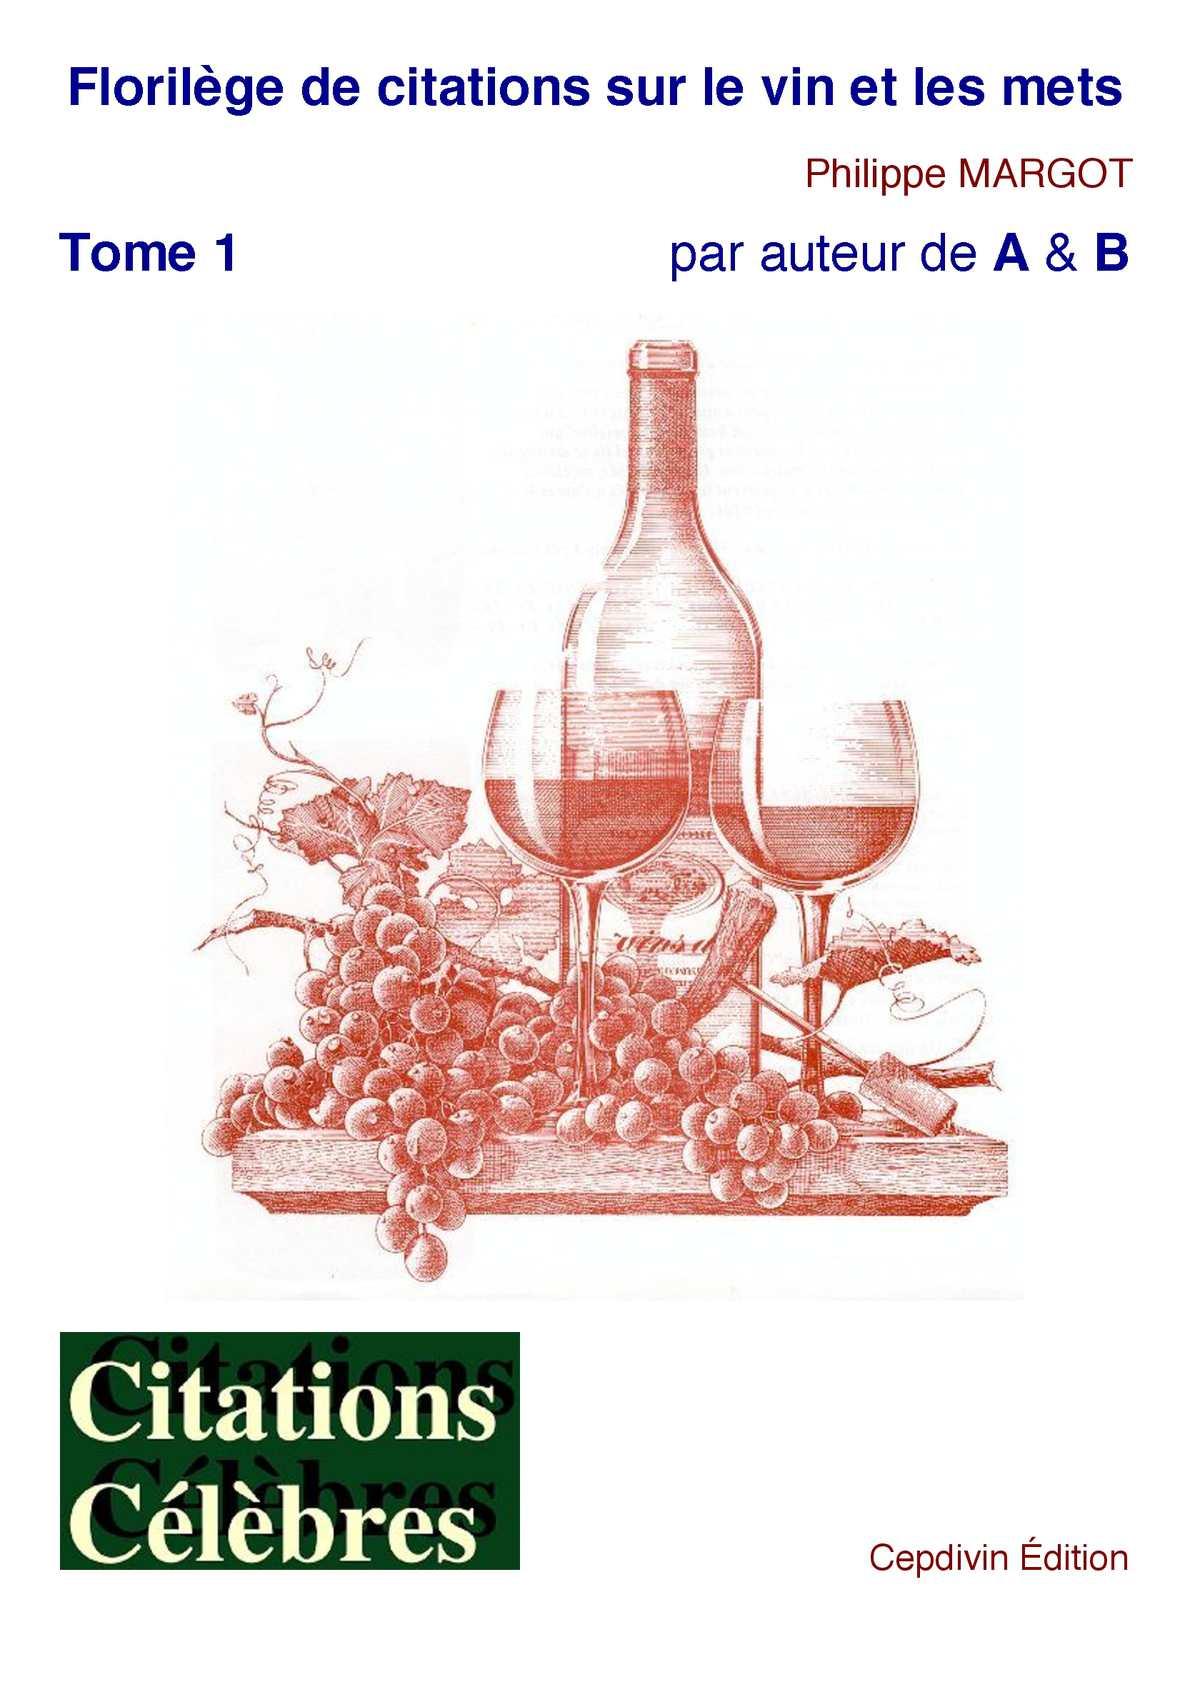 Calaméo Florilège De Citations Vin Mets Tome 1 A B